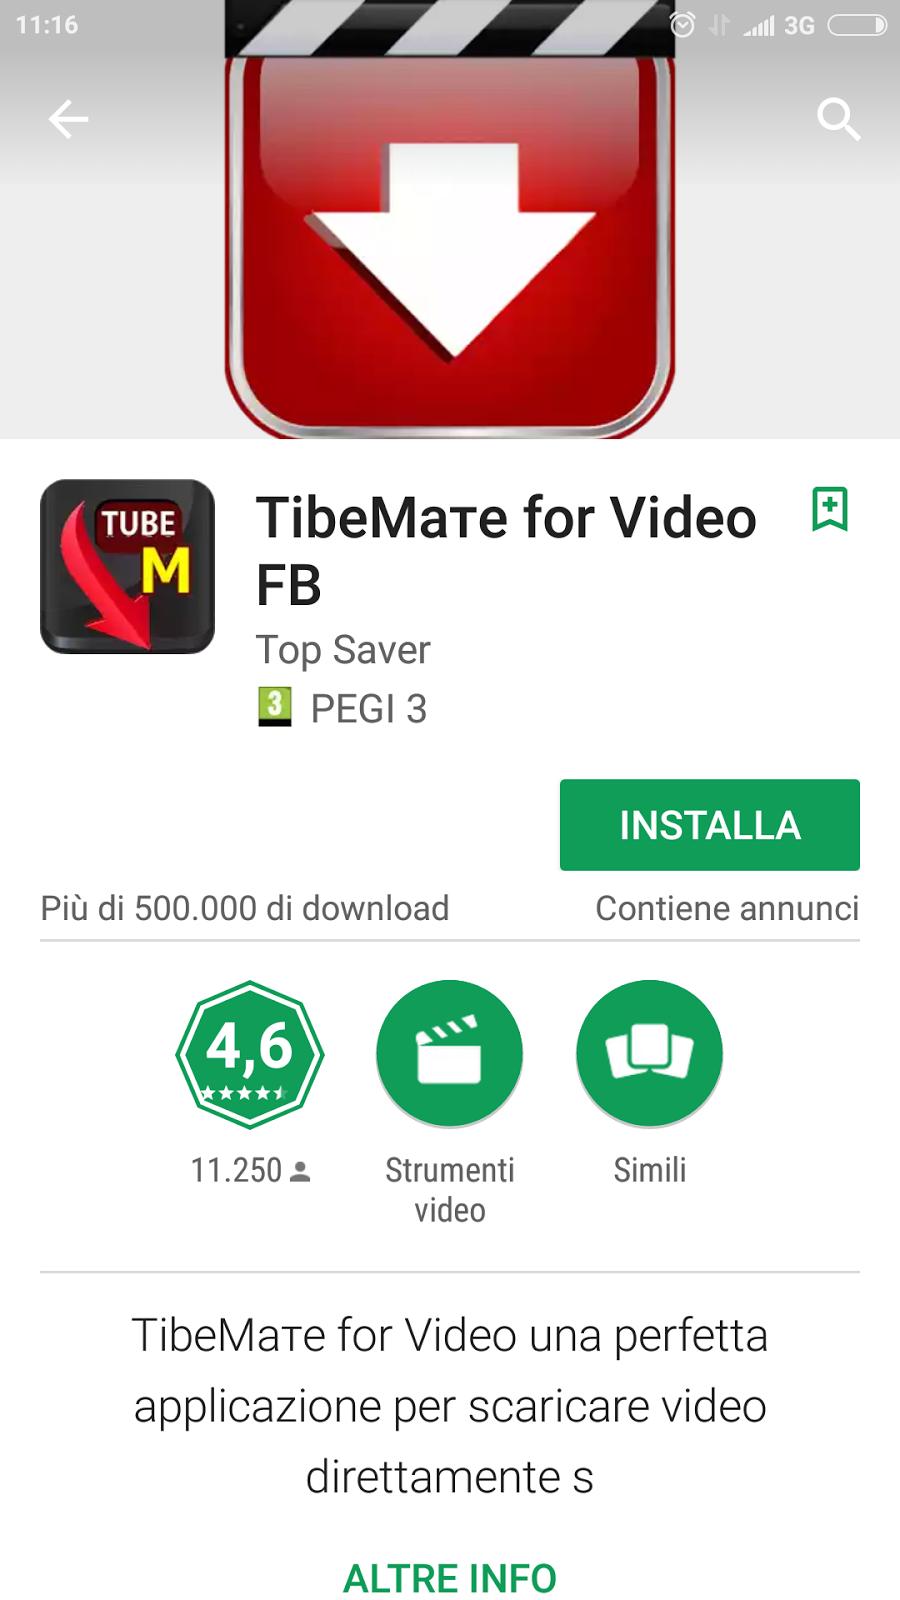 applicazione per scaricare video da internet android